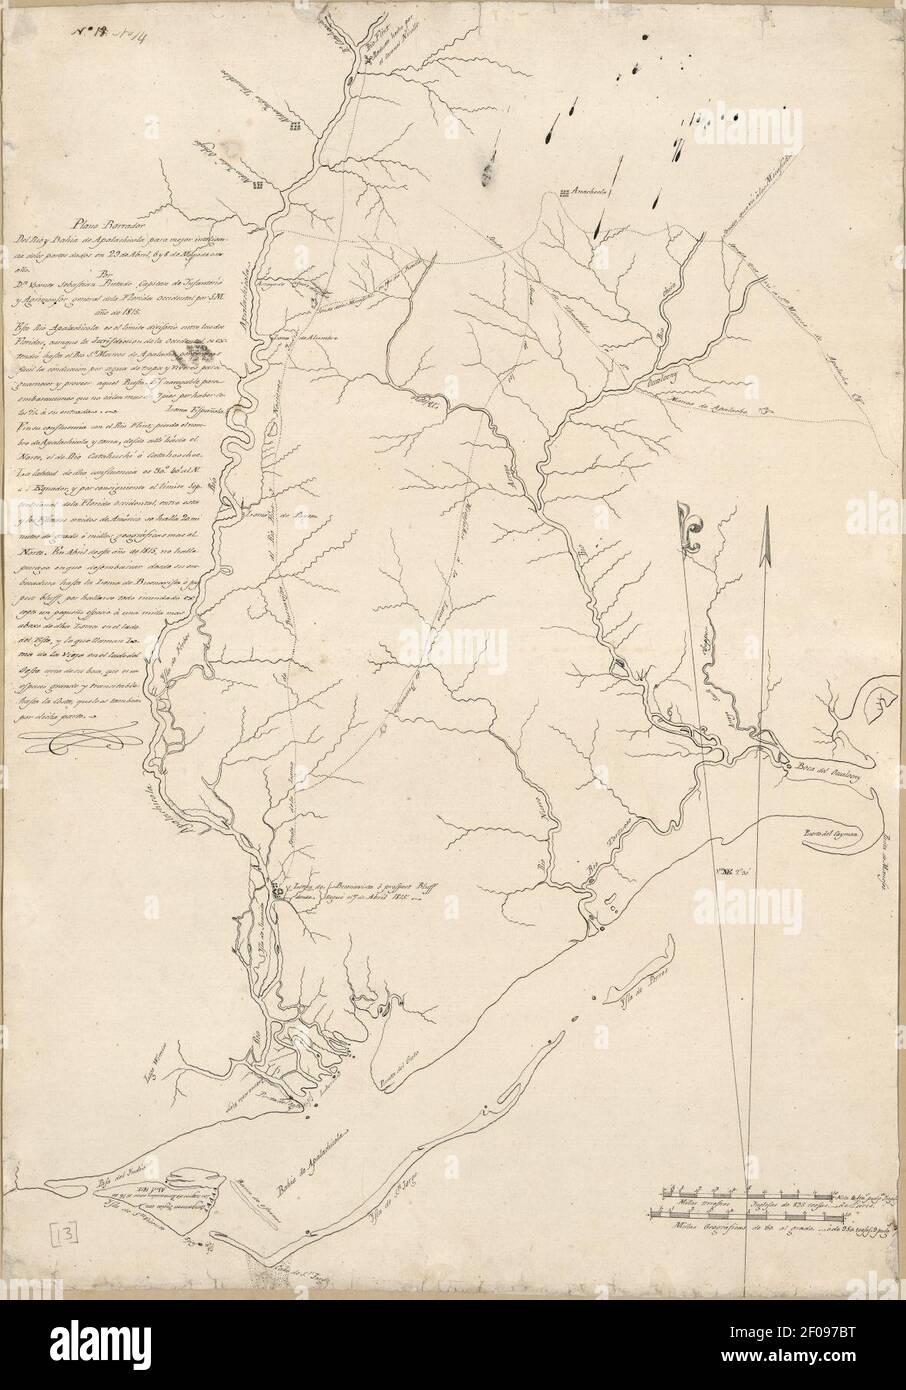 Plano borrador del Rio y Bahia de Apalachicola para mejor inteligencia de los partes dados en 29 de abril 6 y 8 de mayo de este año Stock Photo